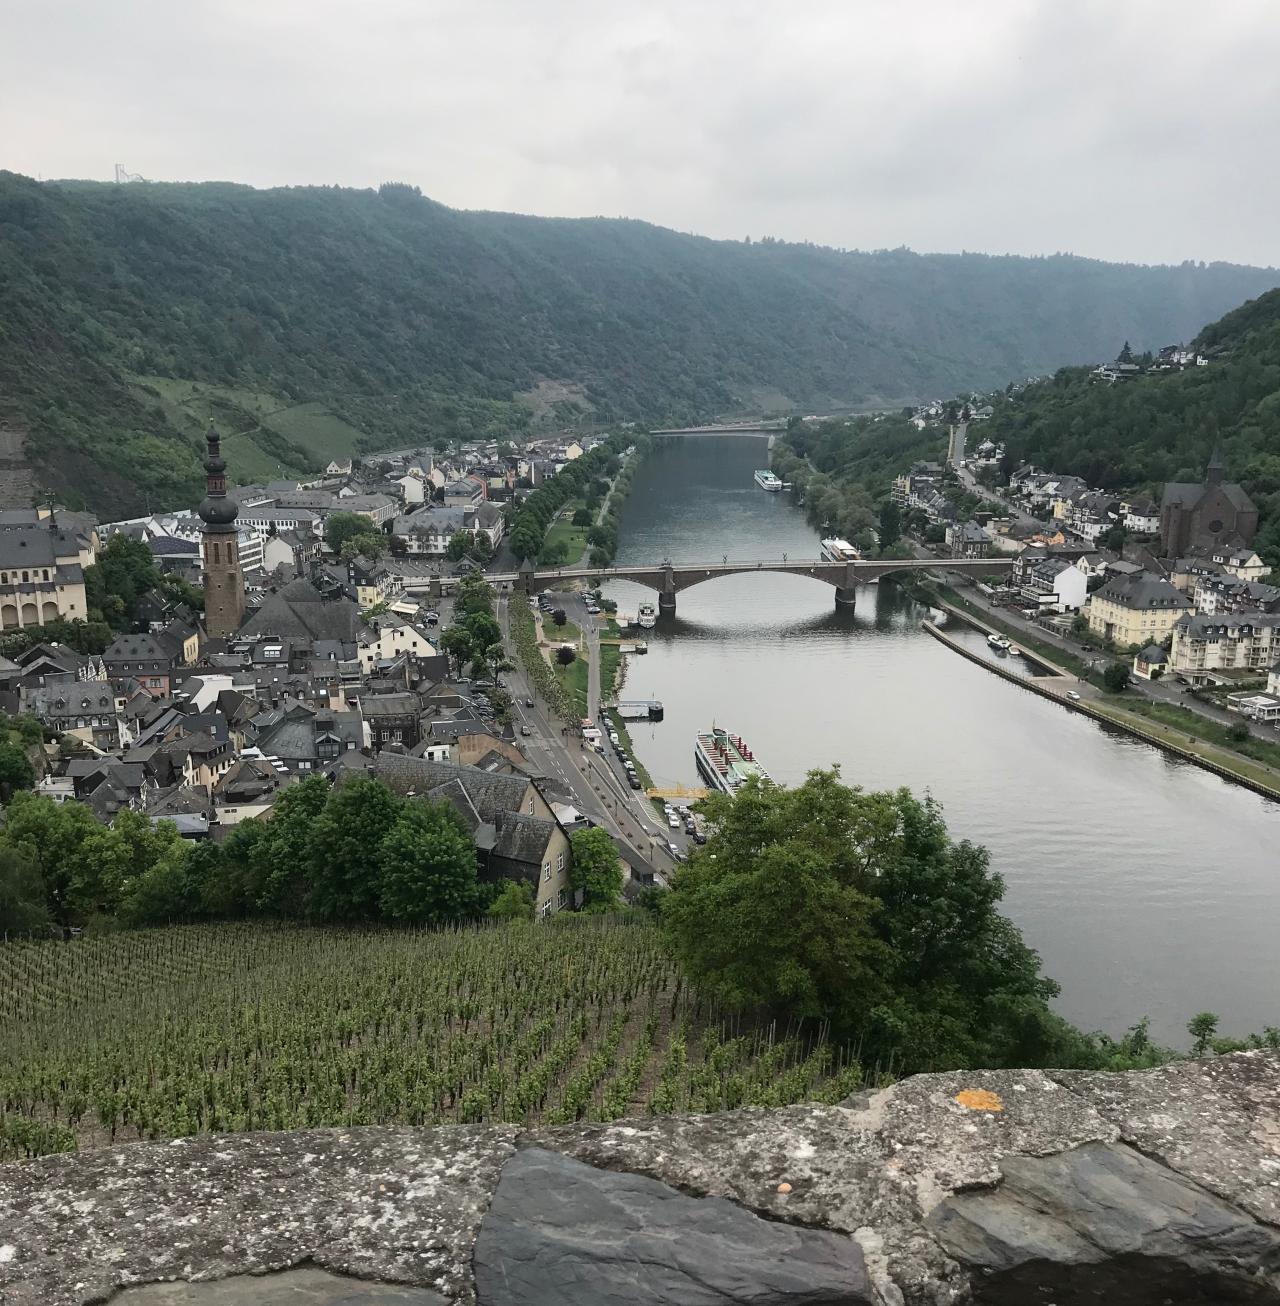 Eifel April 2019